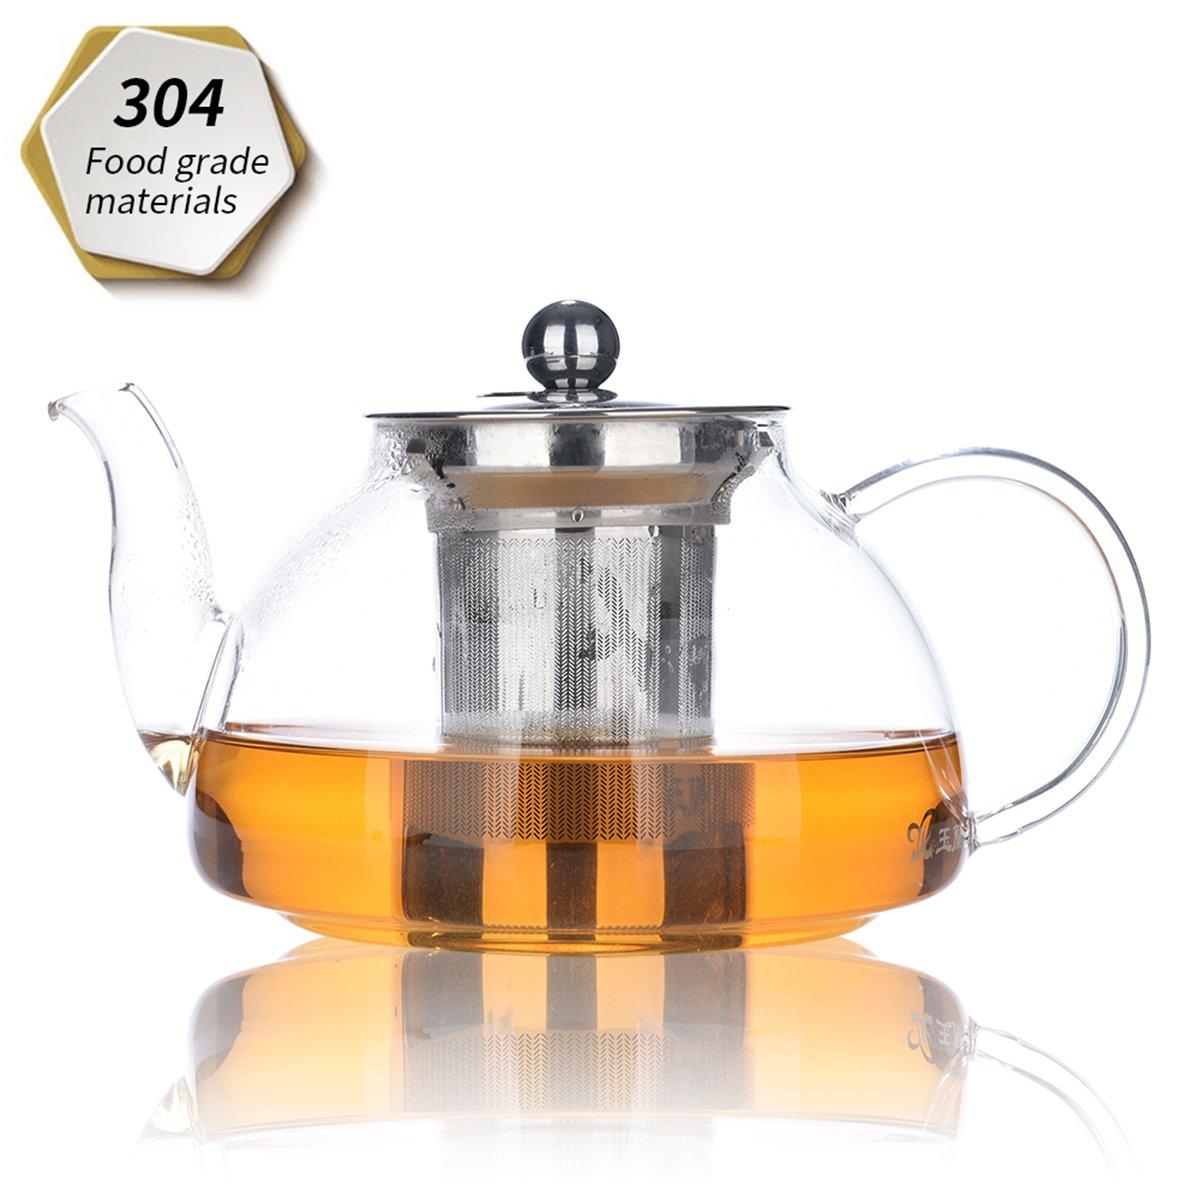 Théière, théière 800 ml / 28 oz, théière en verre avec infuseur amovible, micro-ondes et cuisinière, filtre à thé pour thé à la feuille en vrac et thé à fleurs product image